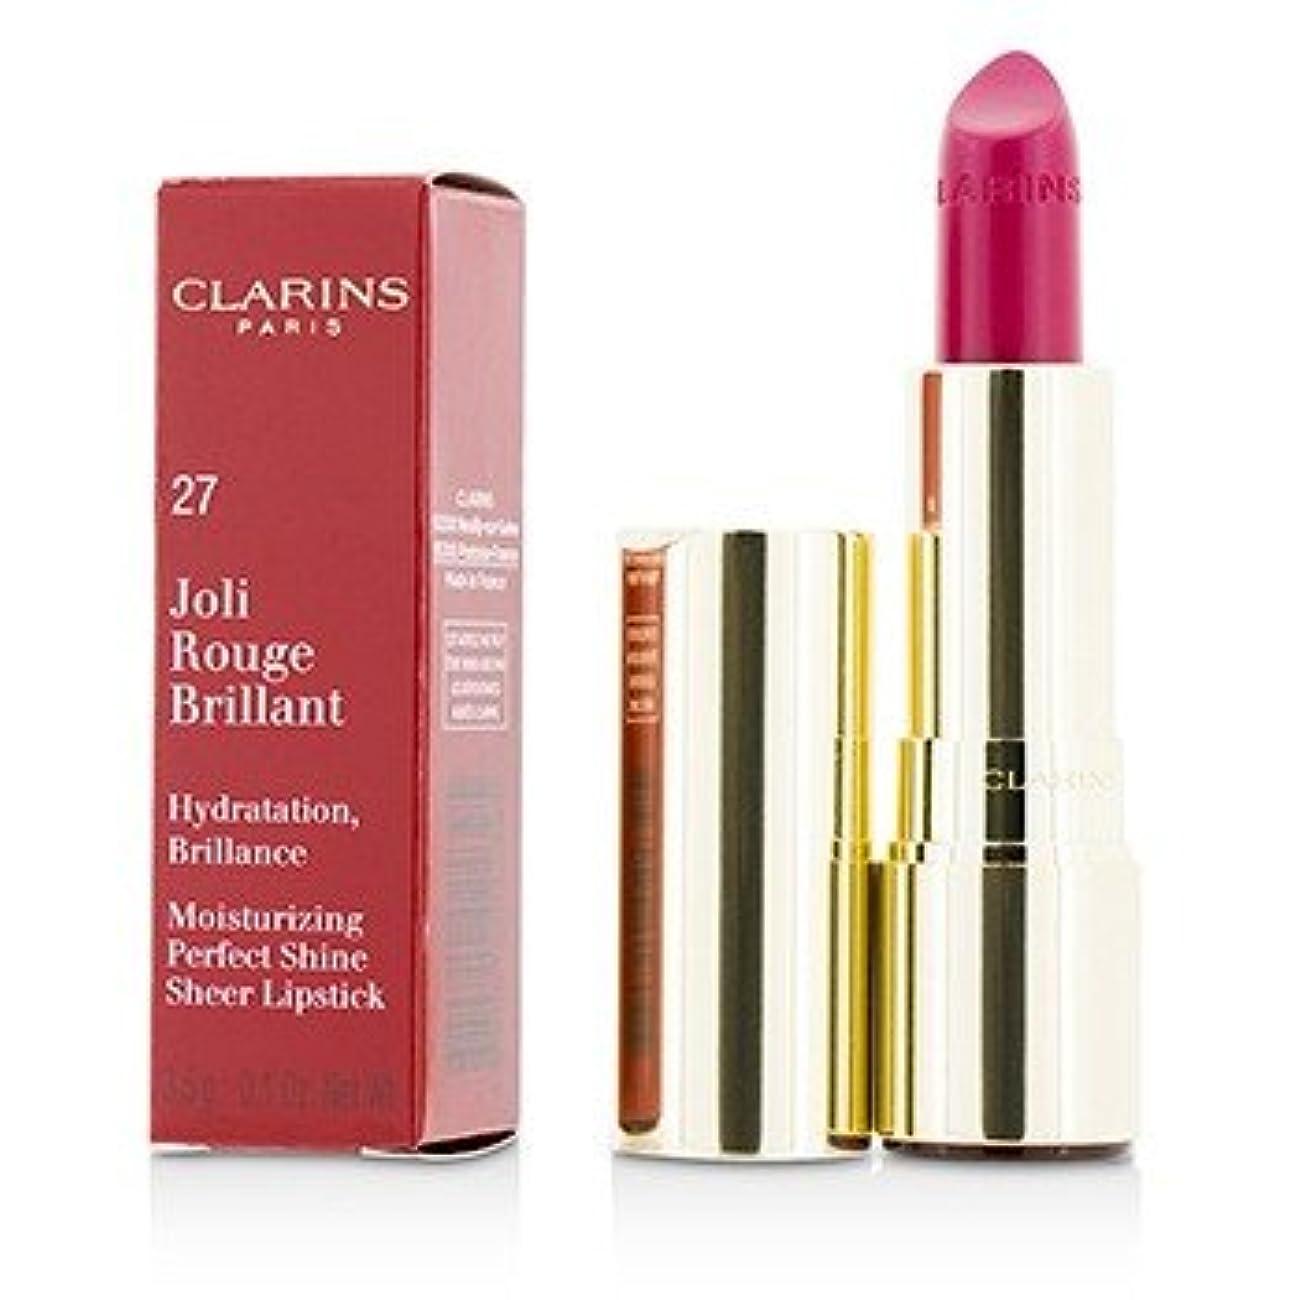 麺法廷騒乱[Clarins] Joli Rouge Brillant (Moisturizing Perfect Shine Sheer Lipstick) - # 27 Hot Fuchsia 3.5g/0.1oz